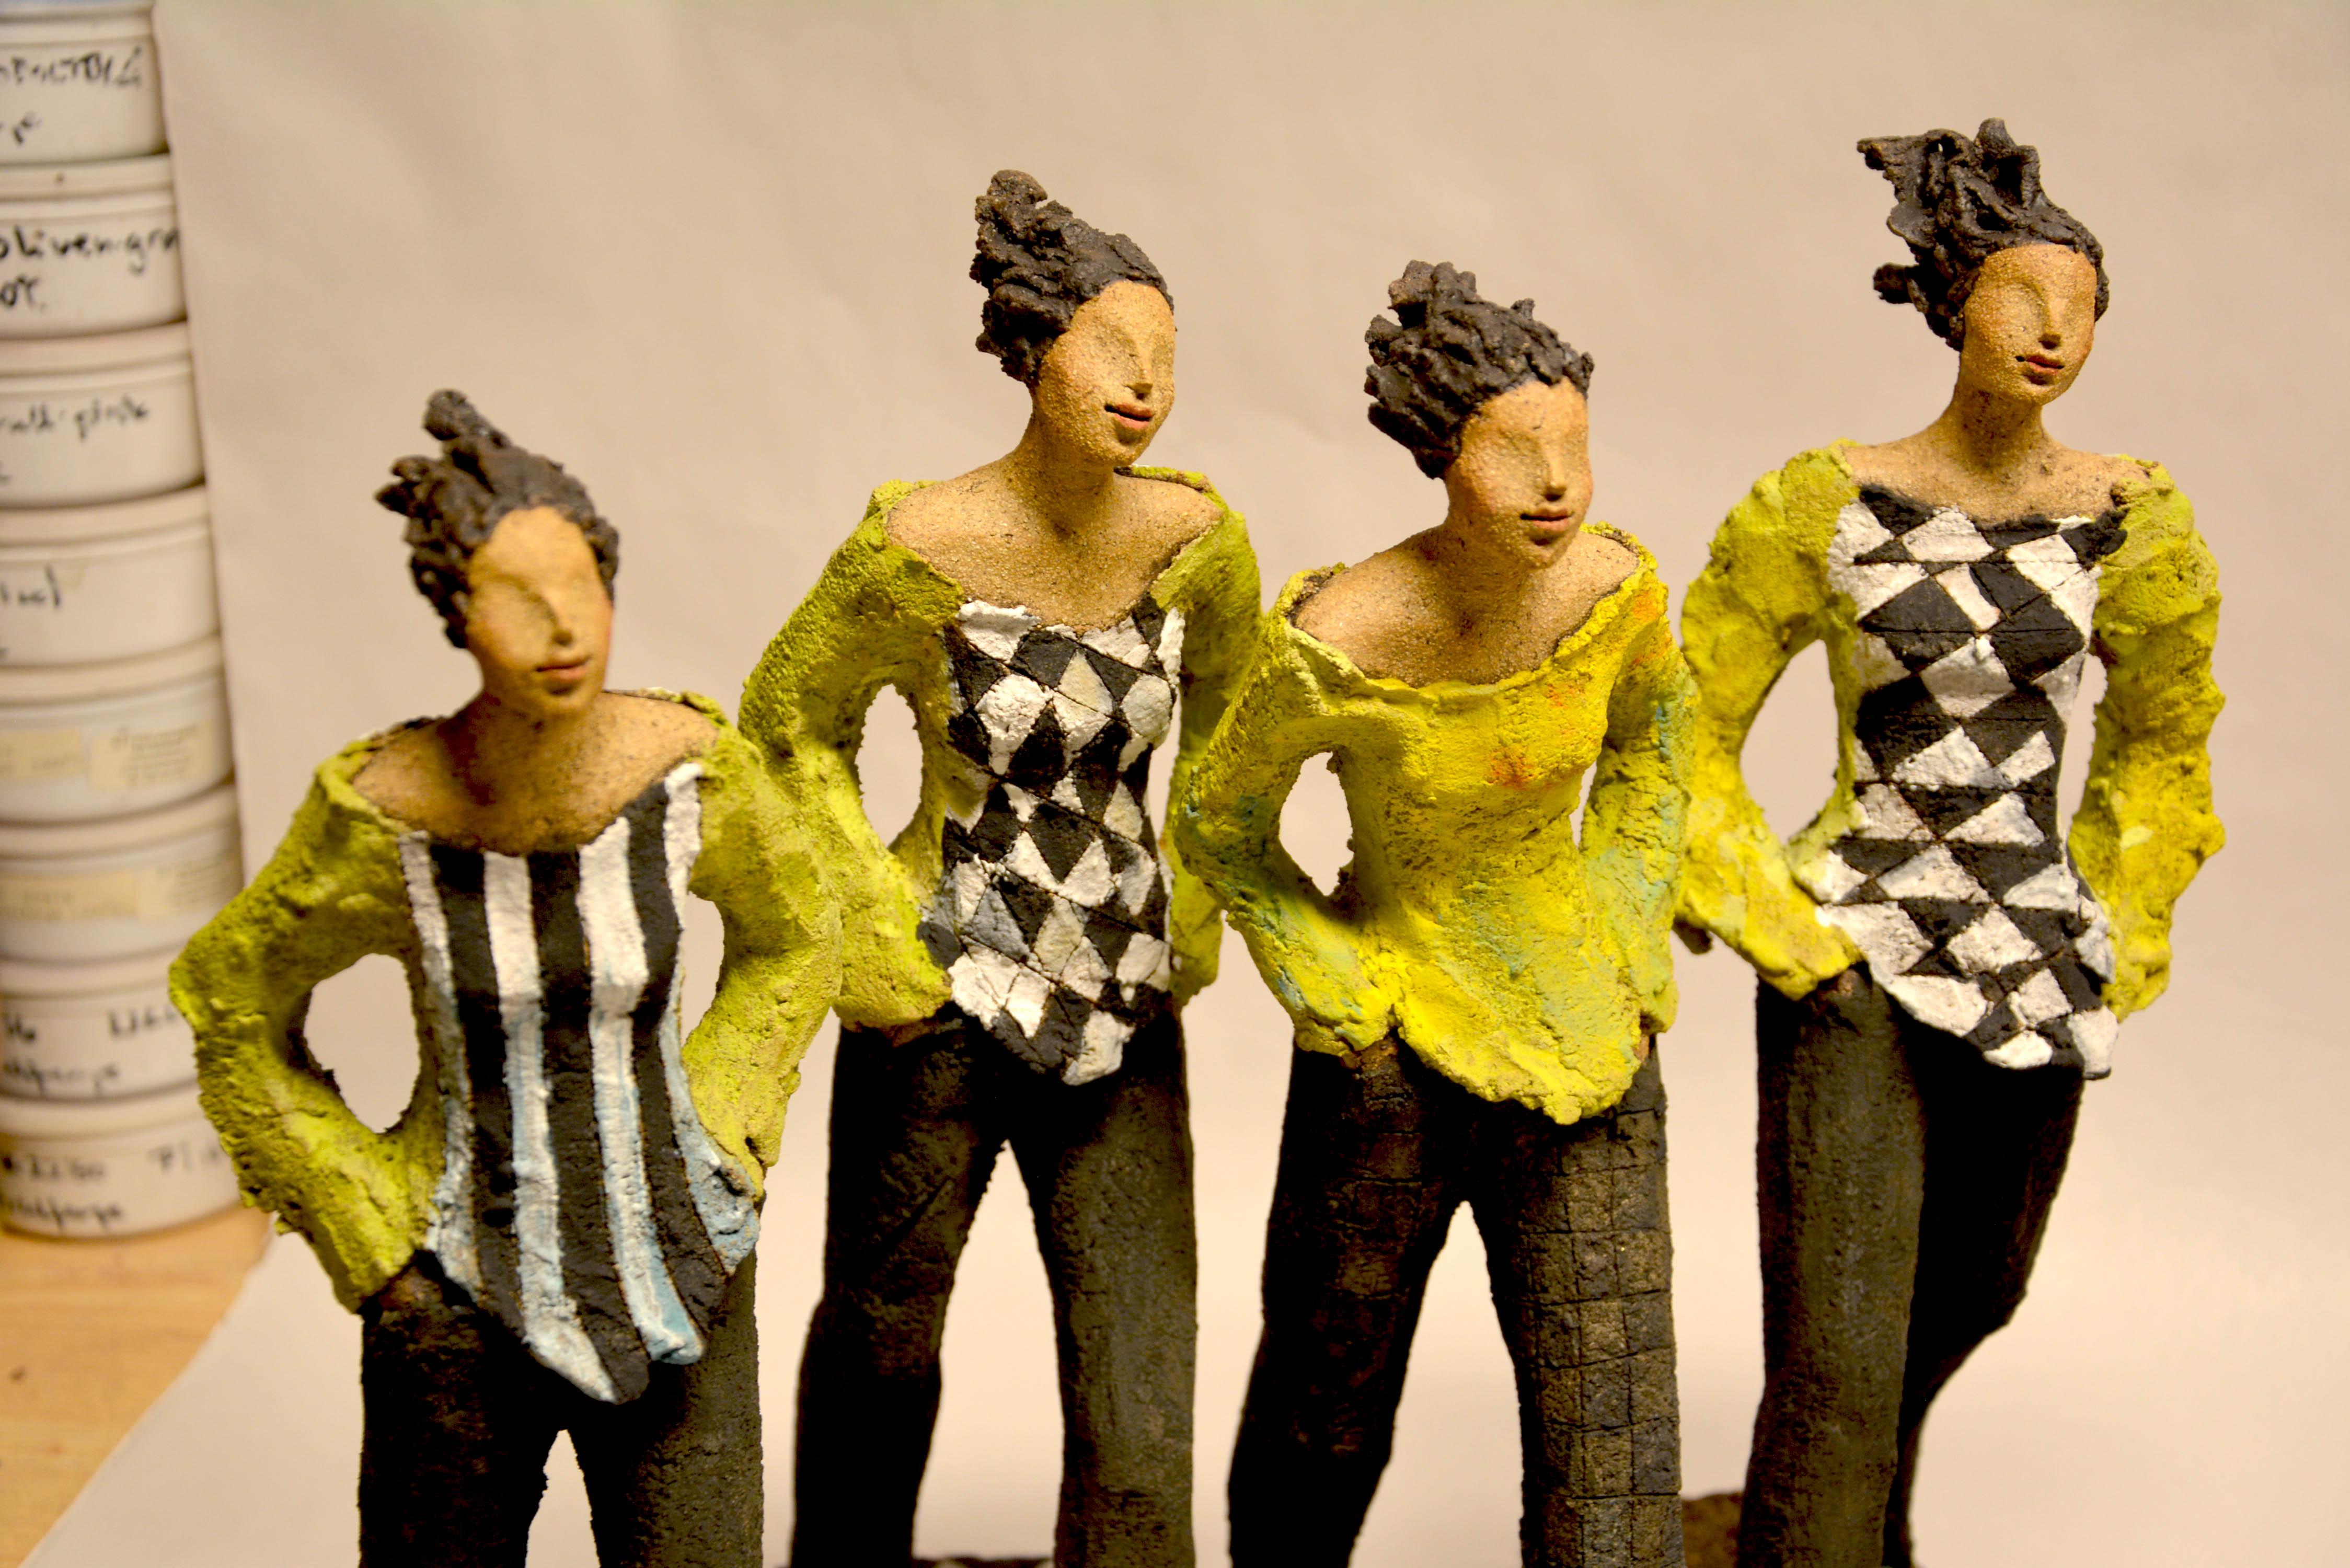 Ingun Dahlin, keramikk, skulptur, gående damer, verksted